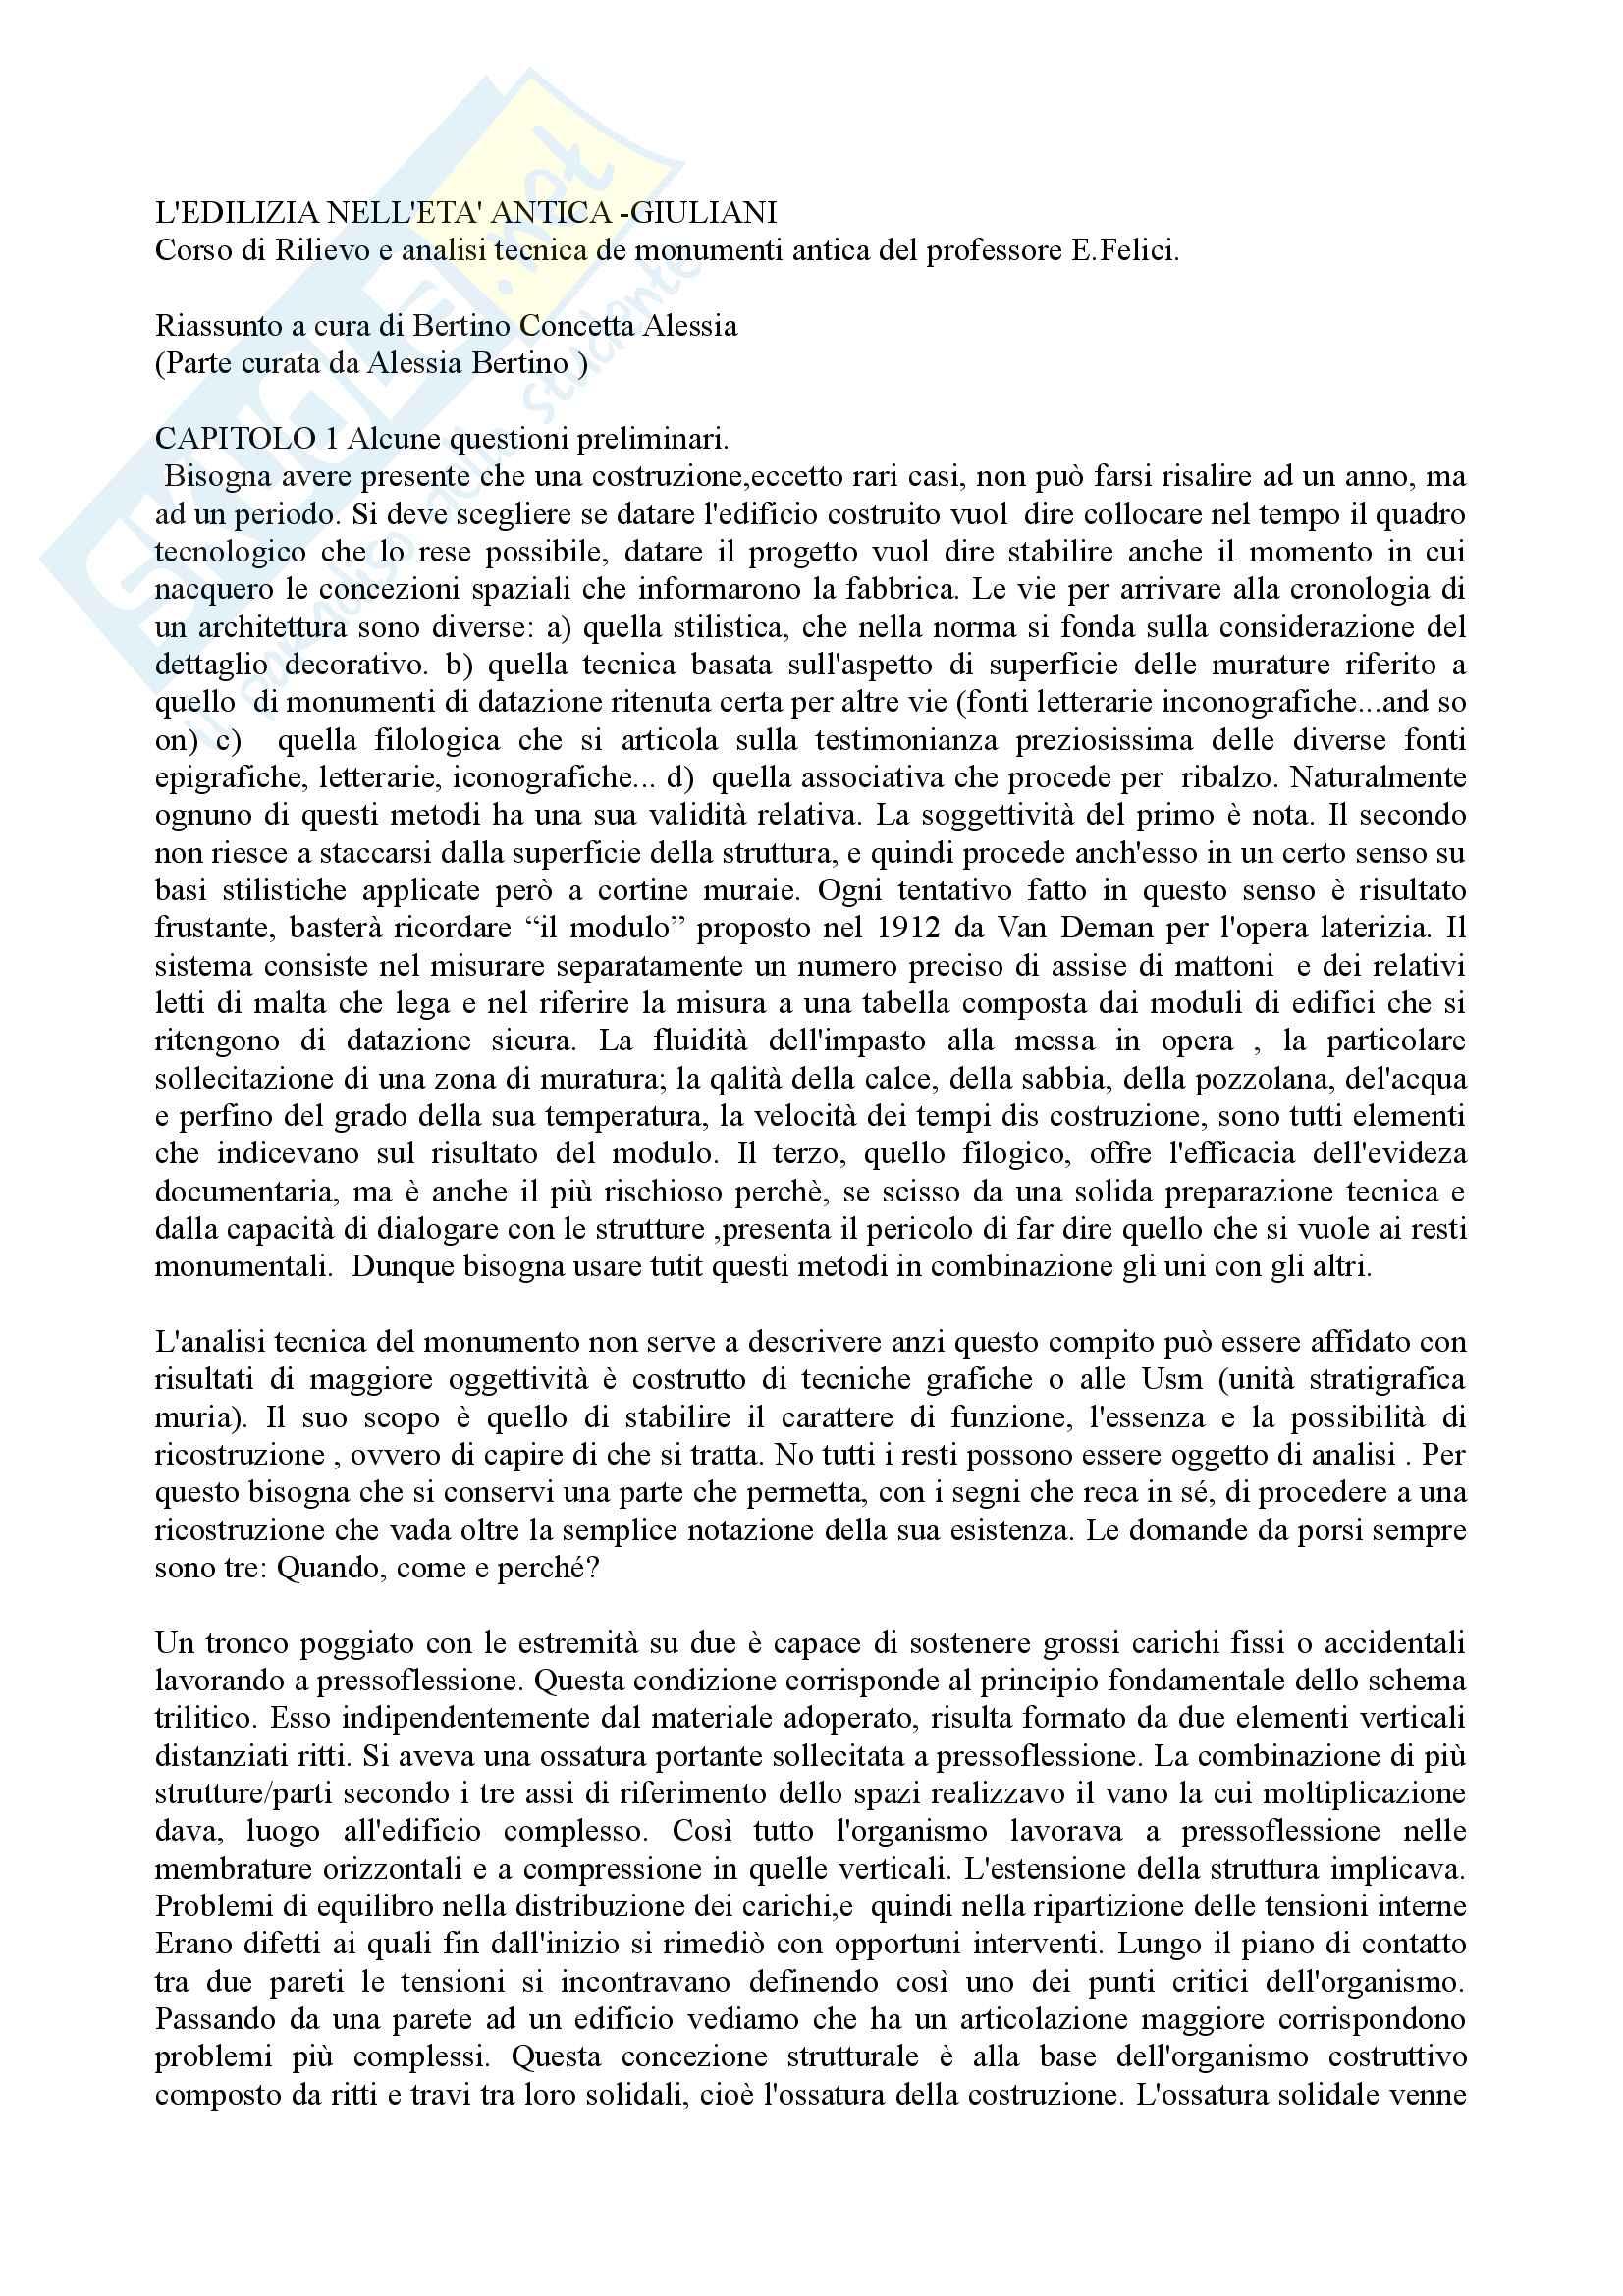 Riassunto esame rilievo e analisi tecnica dei monumenti antichi. prof. Felici